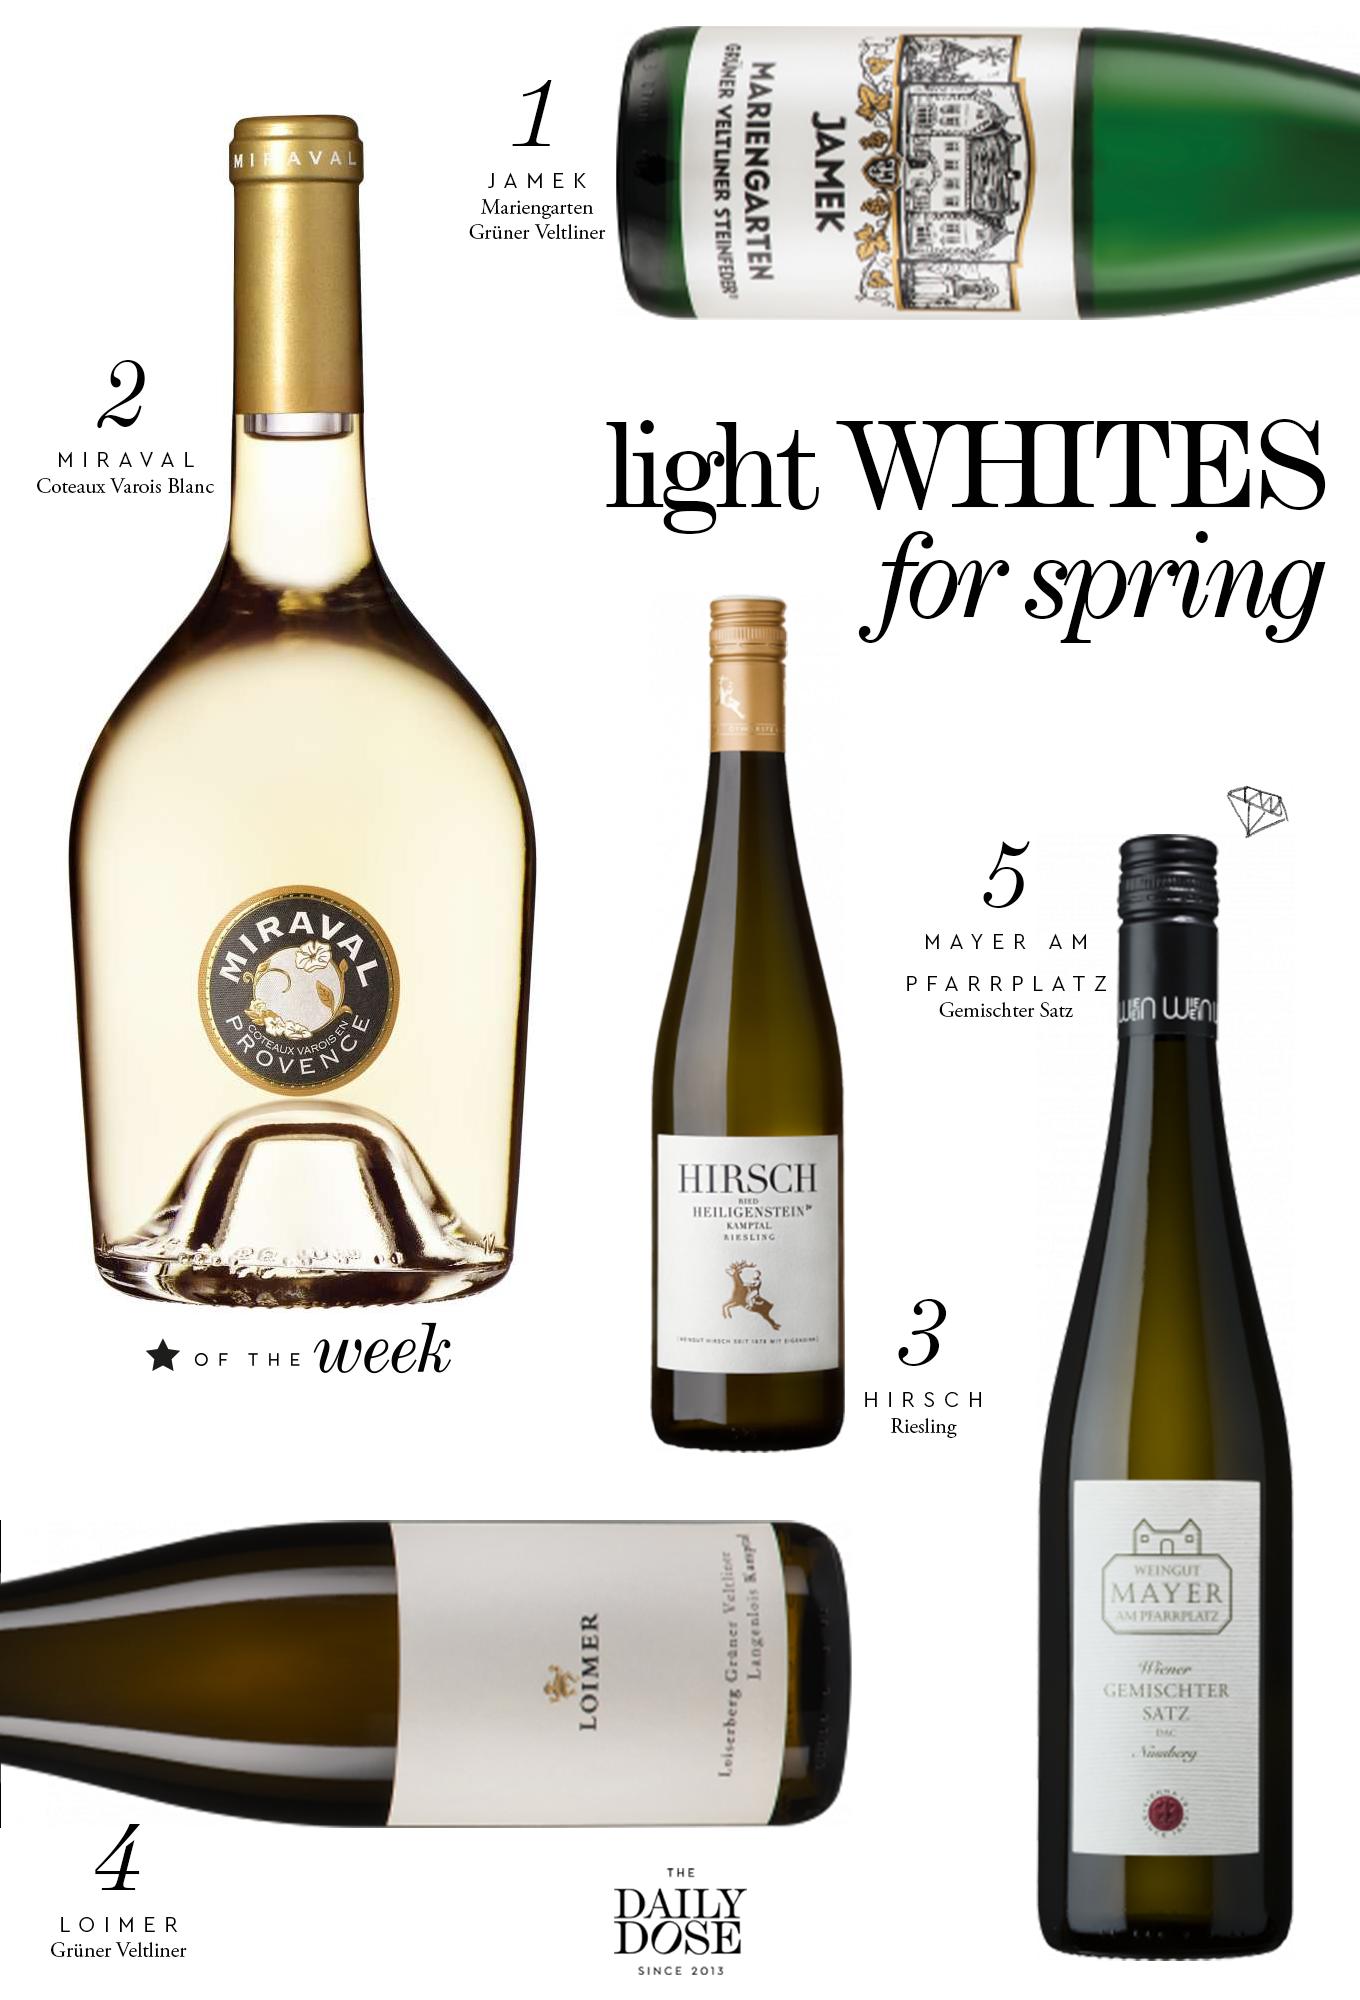 Die Besten Weißweine für den Frühling